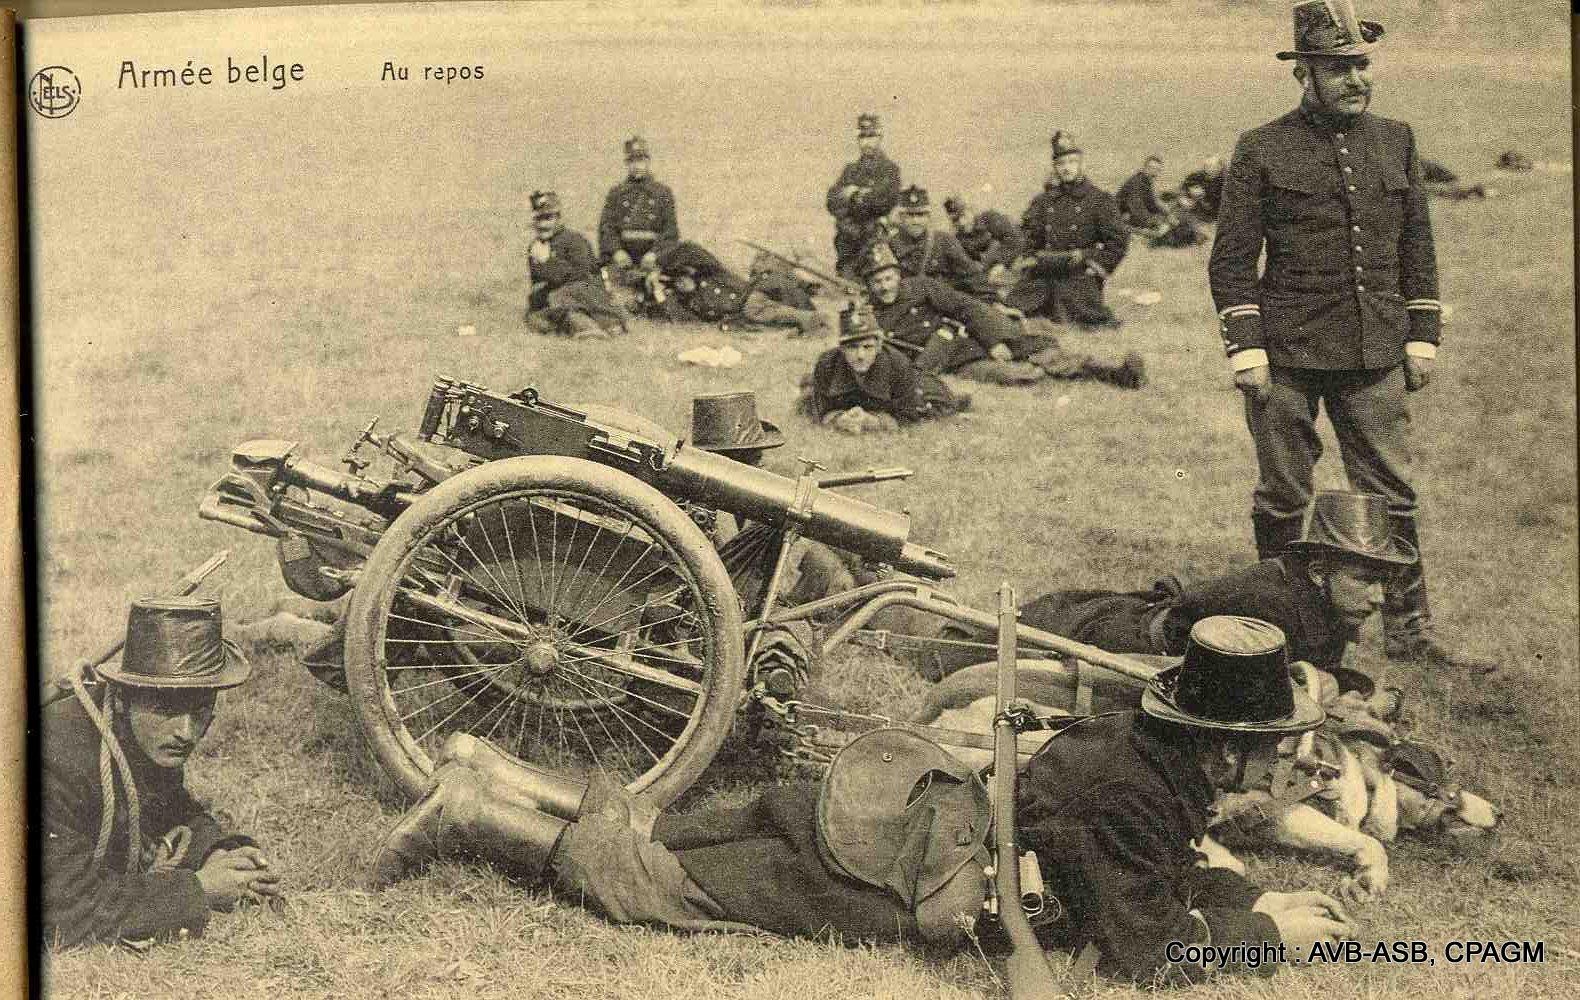 CP-Armee-belge-007.jpg